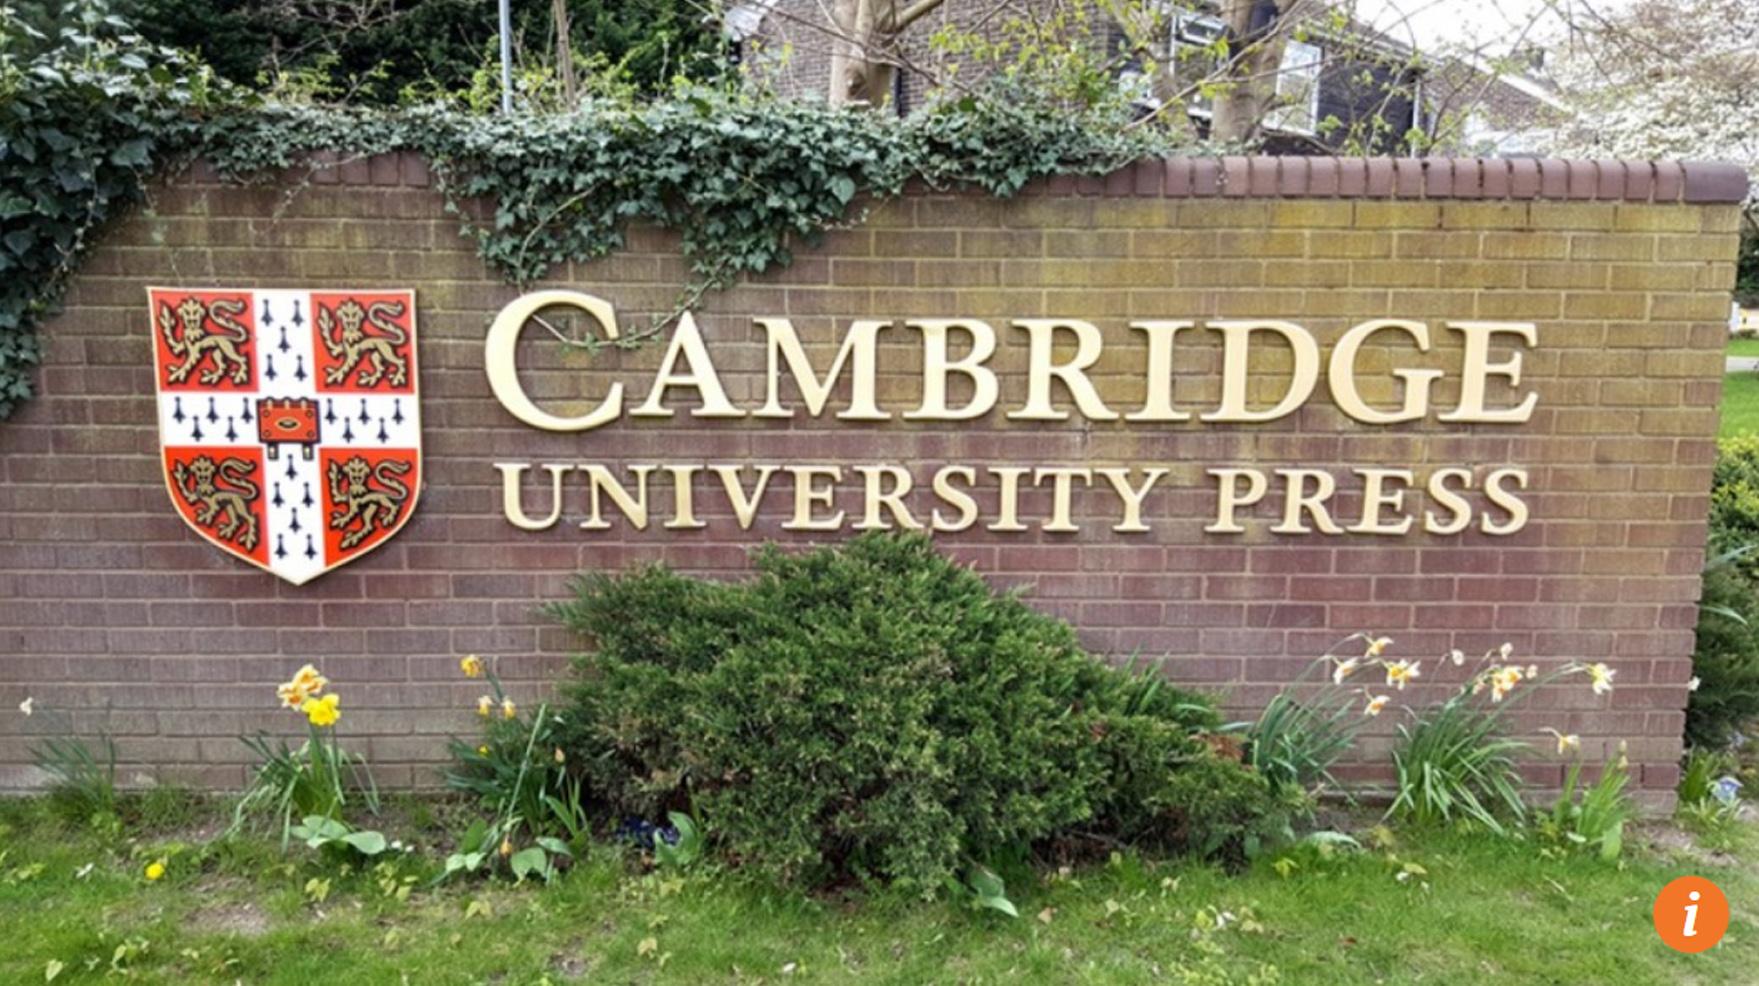 Hãng truyền thông Cambridge University Press cho phổ biến nhiều tài liệu bị cấm tại Trung Cộng